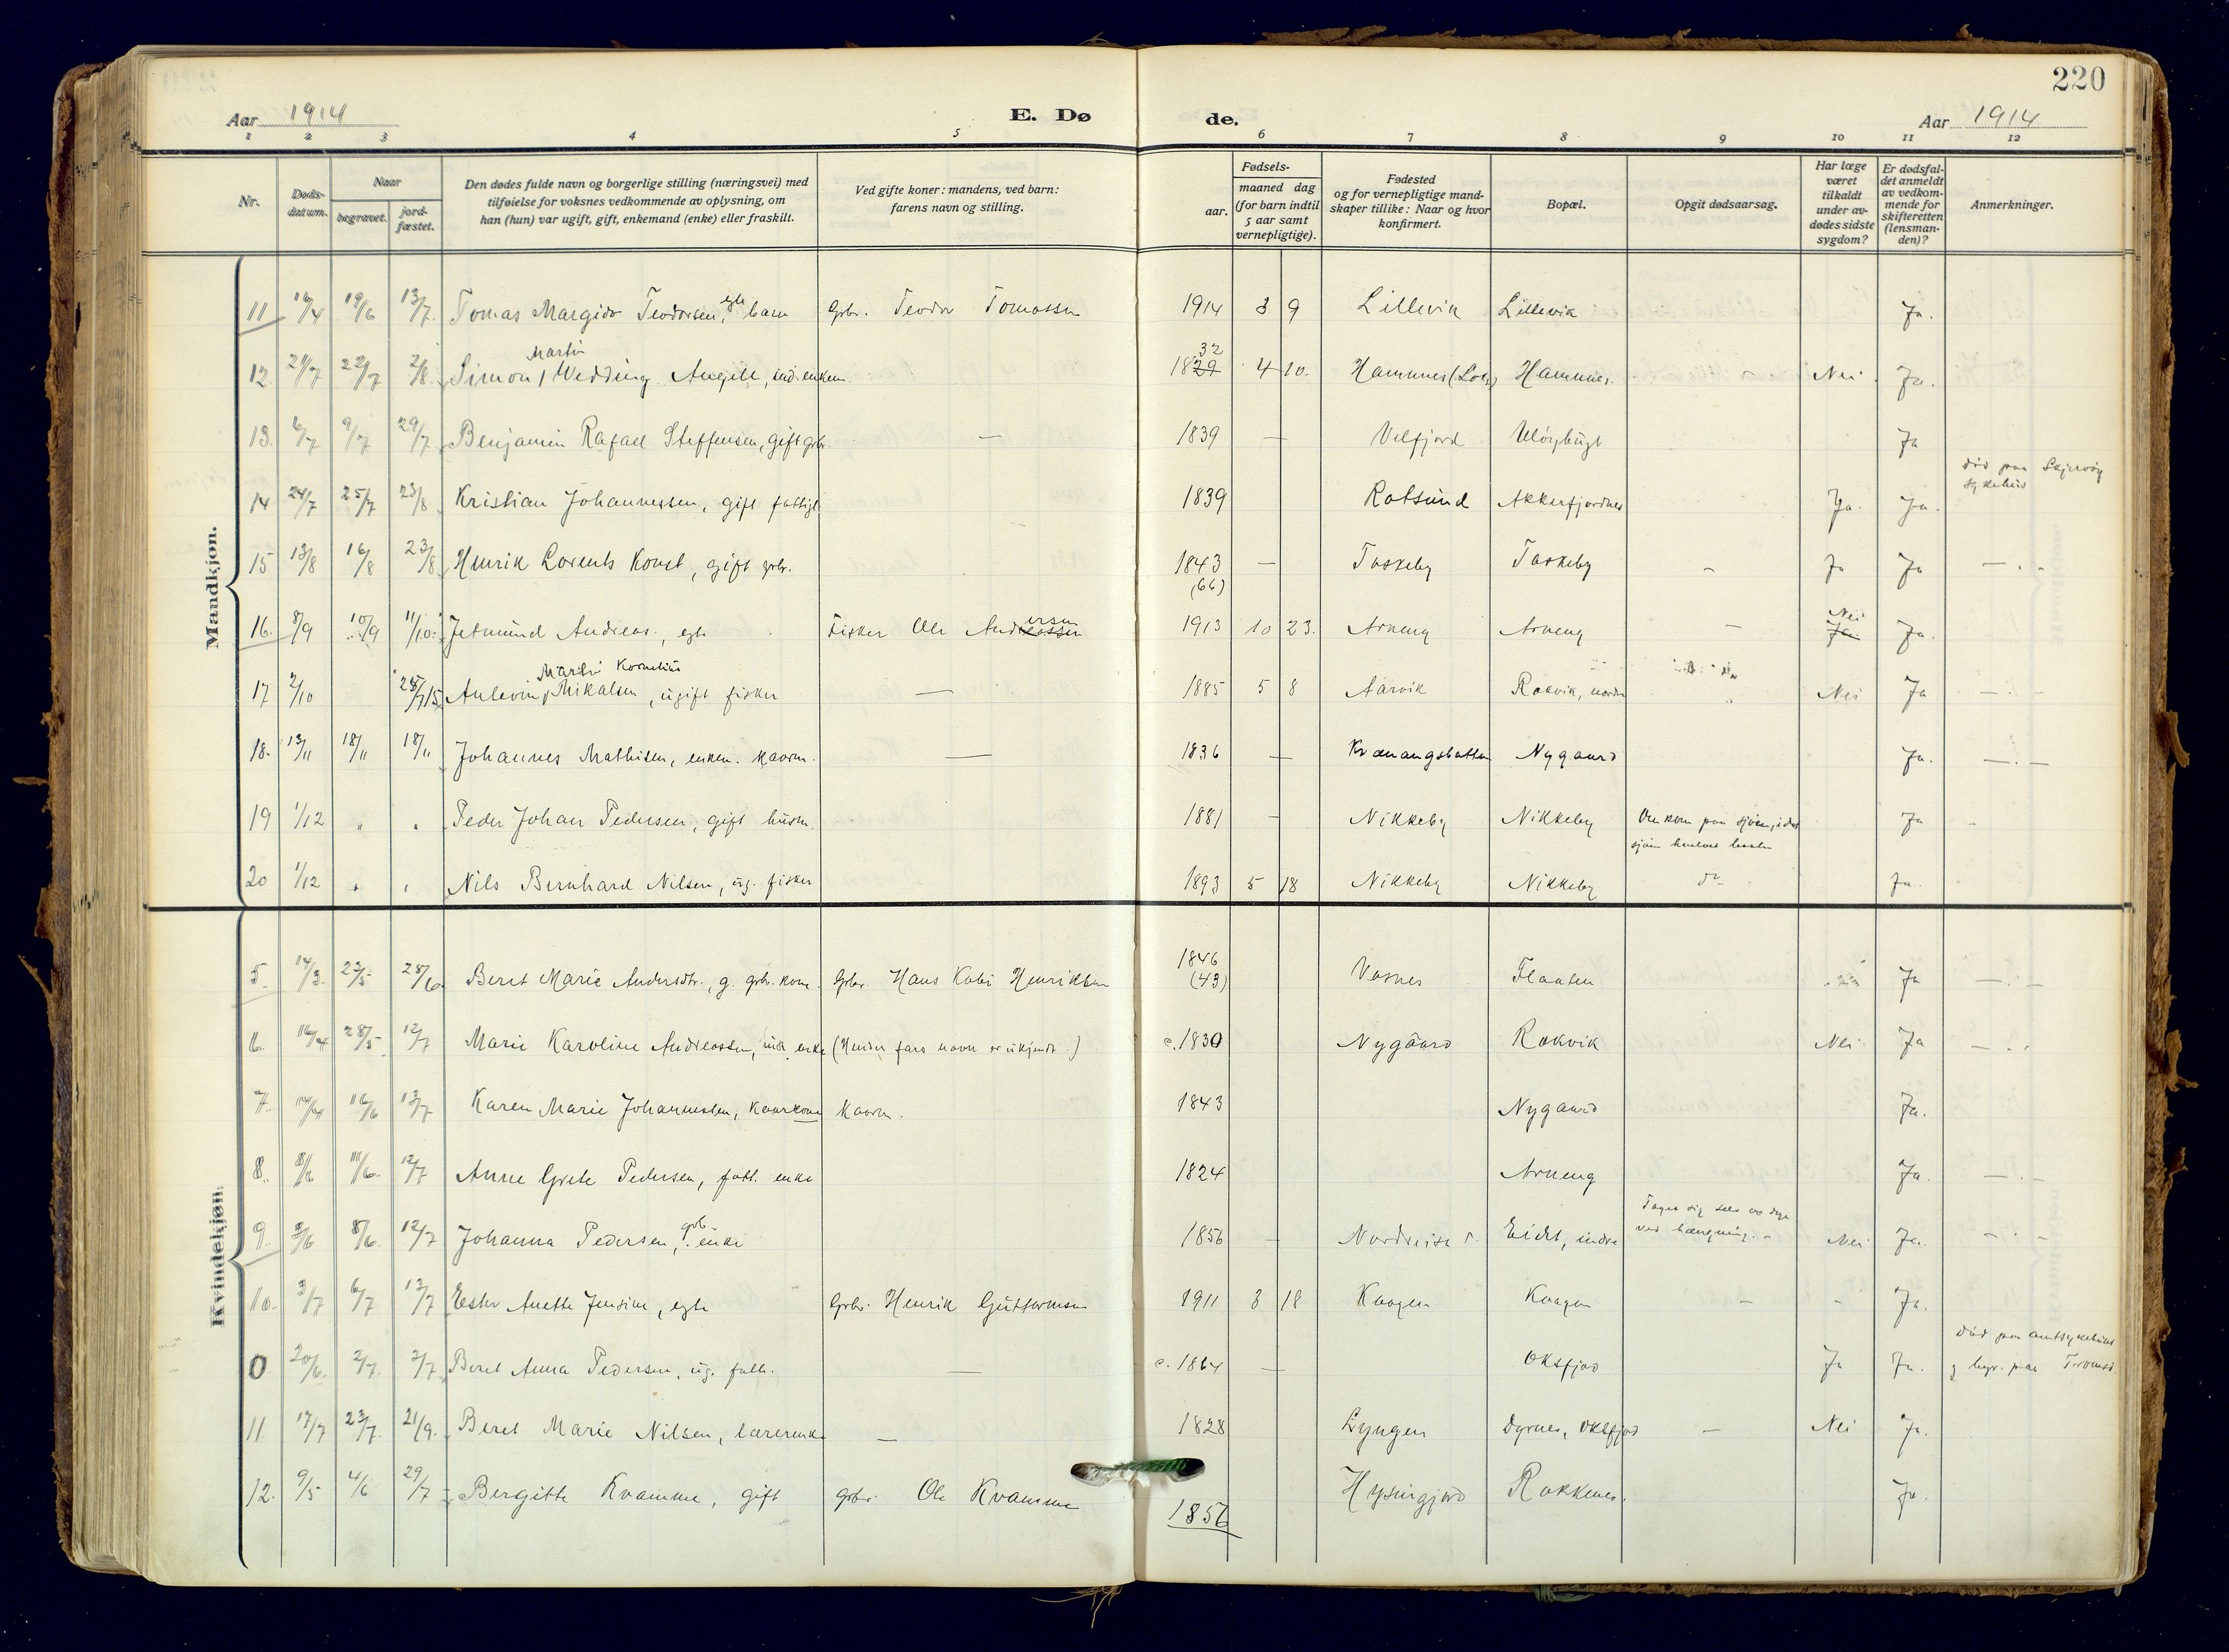 SATØ, Skjervøy sokneprestkontor, H/Ha/Haa: Ministerialbok nr. 18, 1910-1926, s. 220